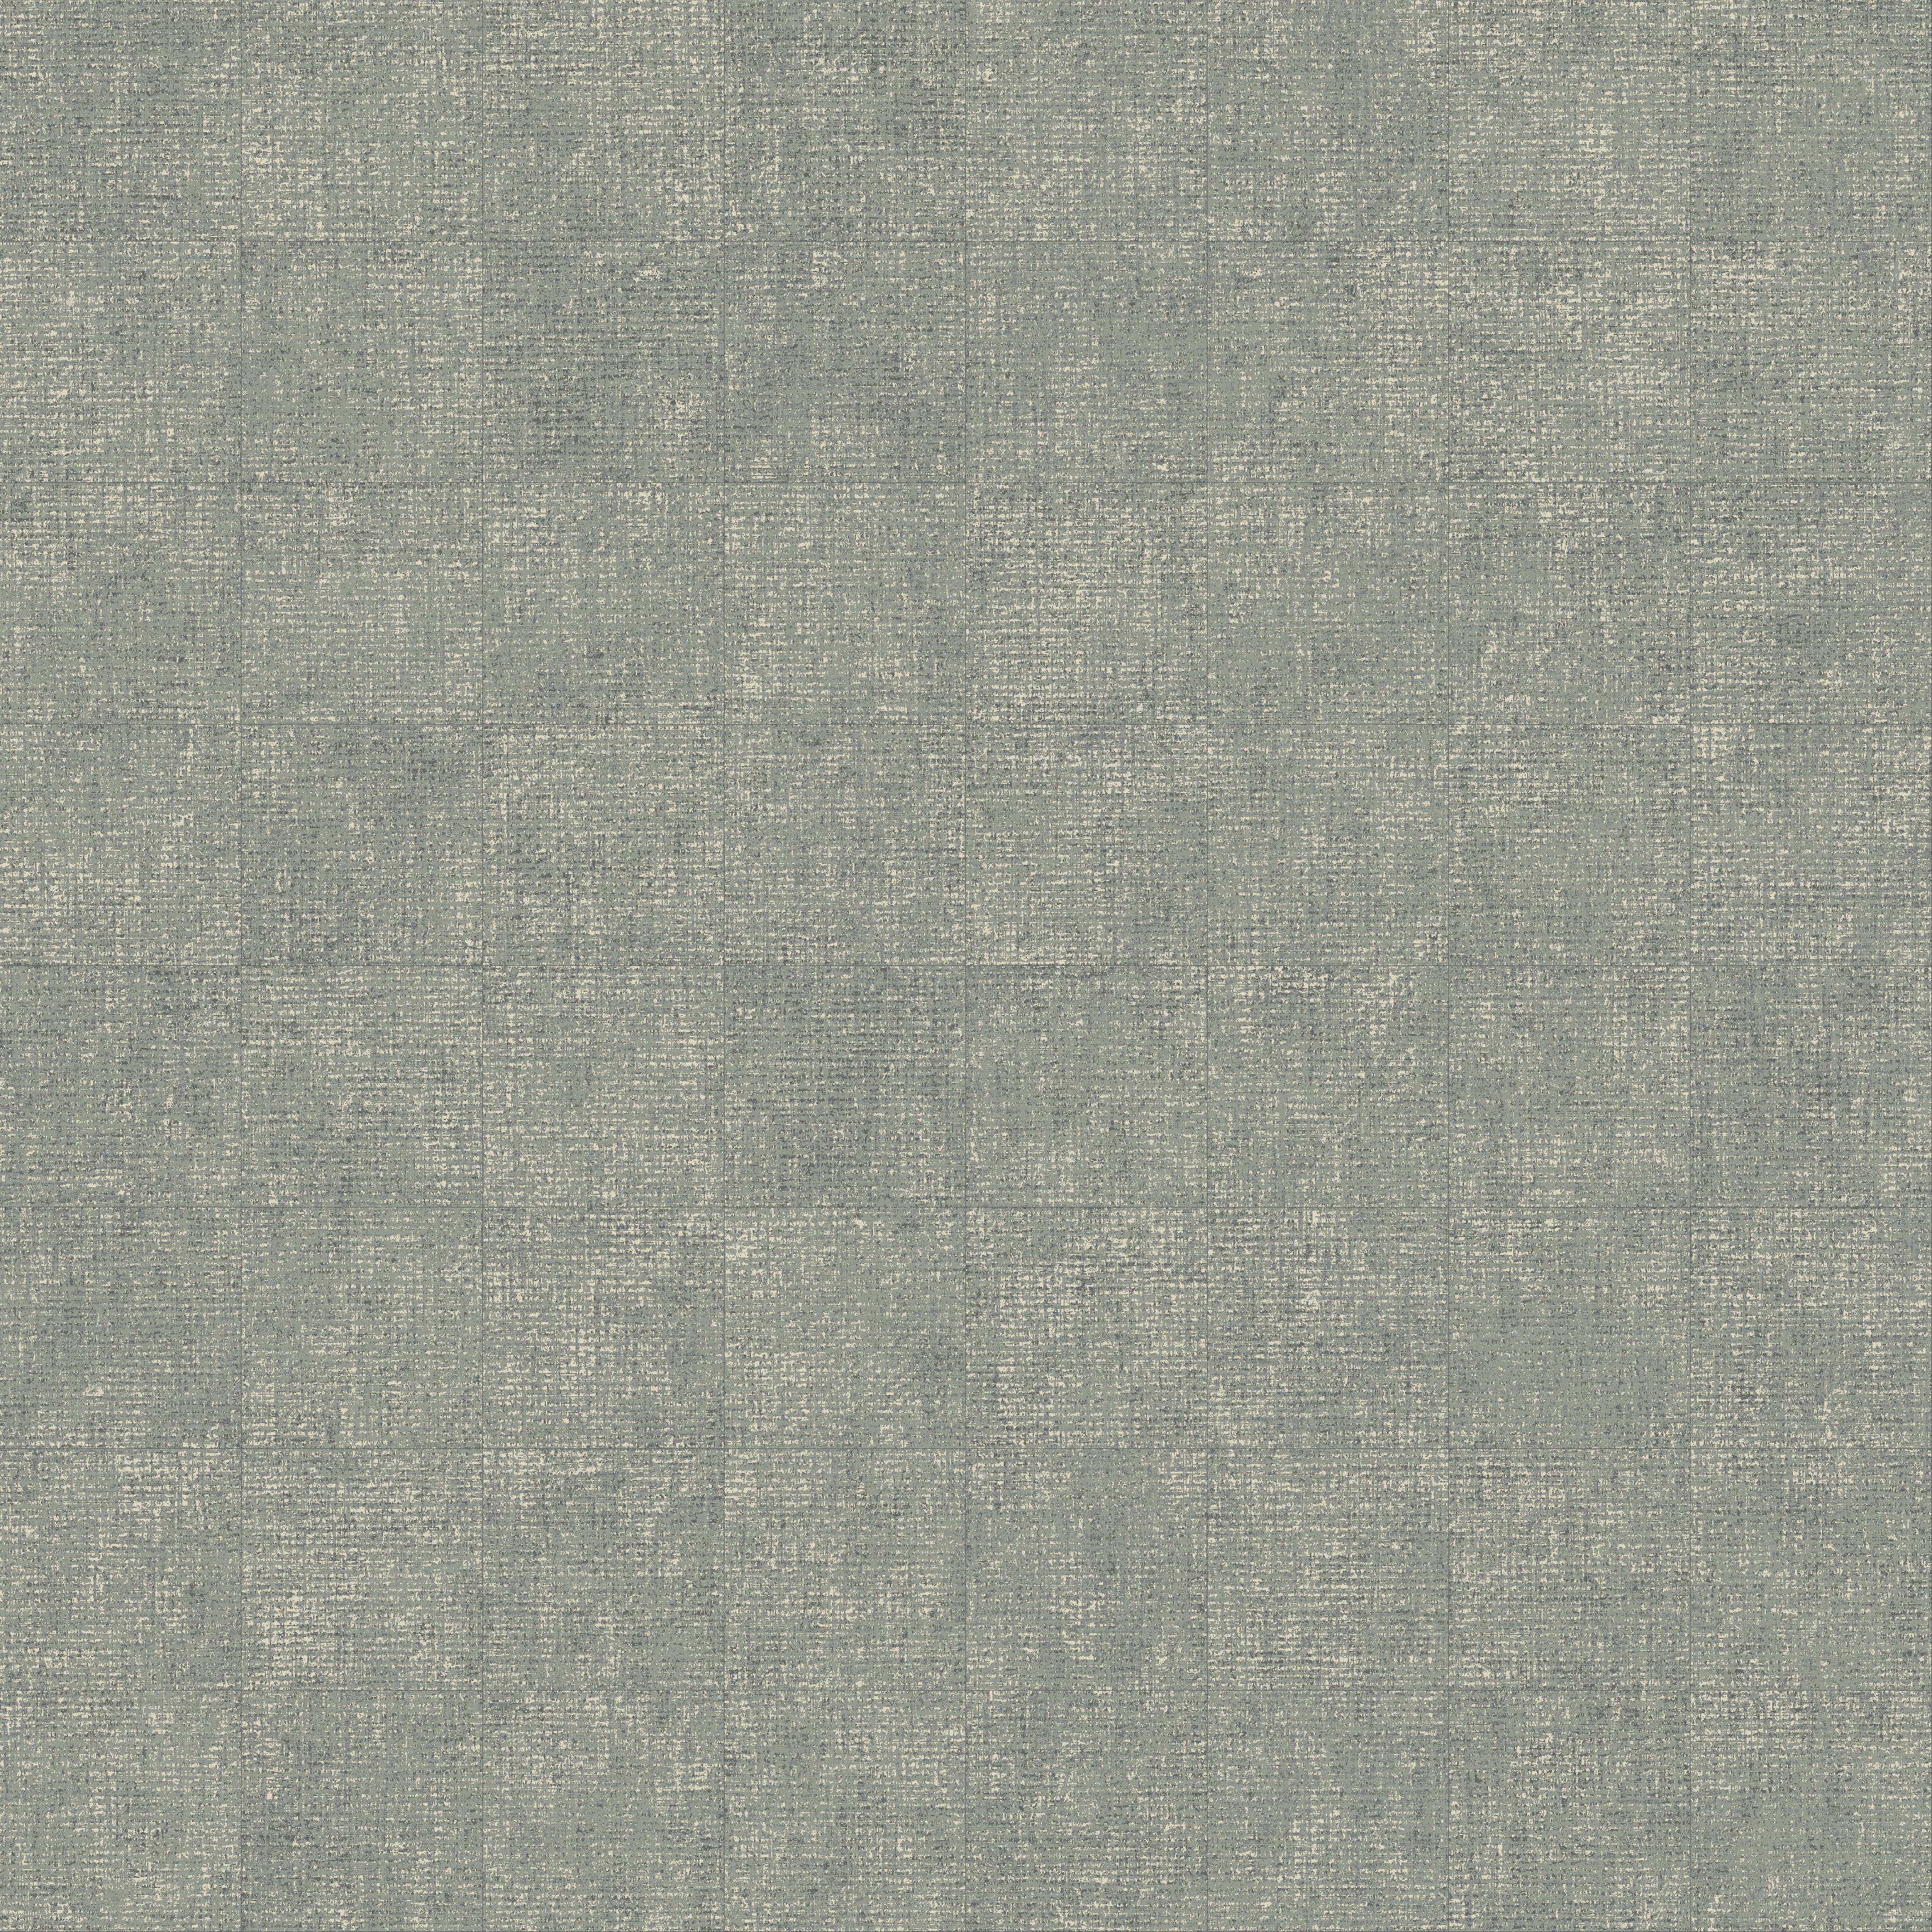 Flax  grey